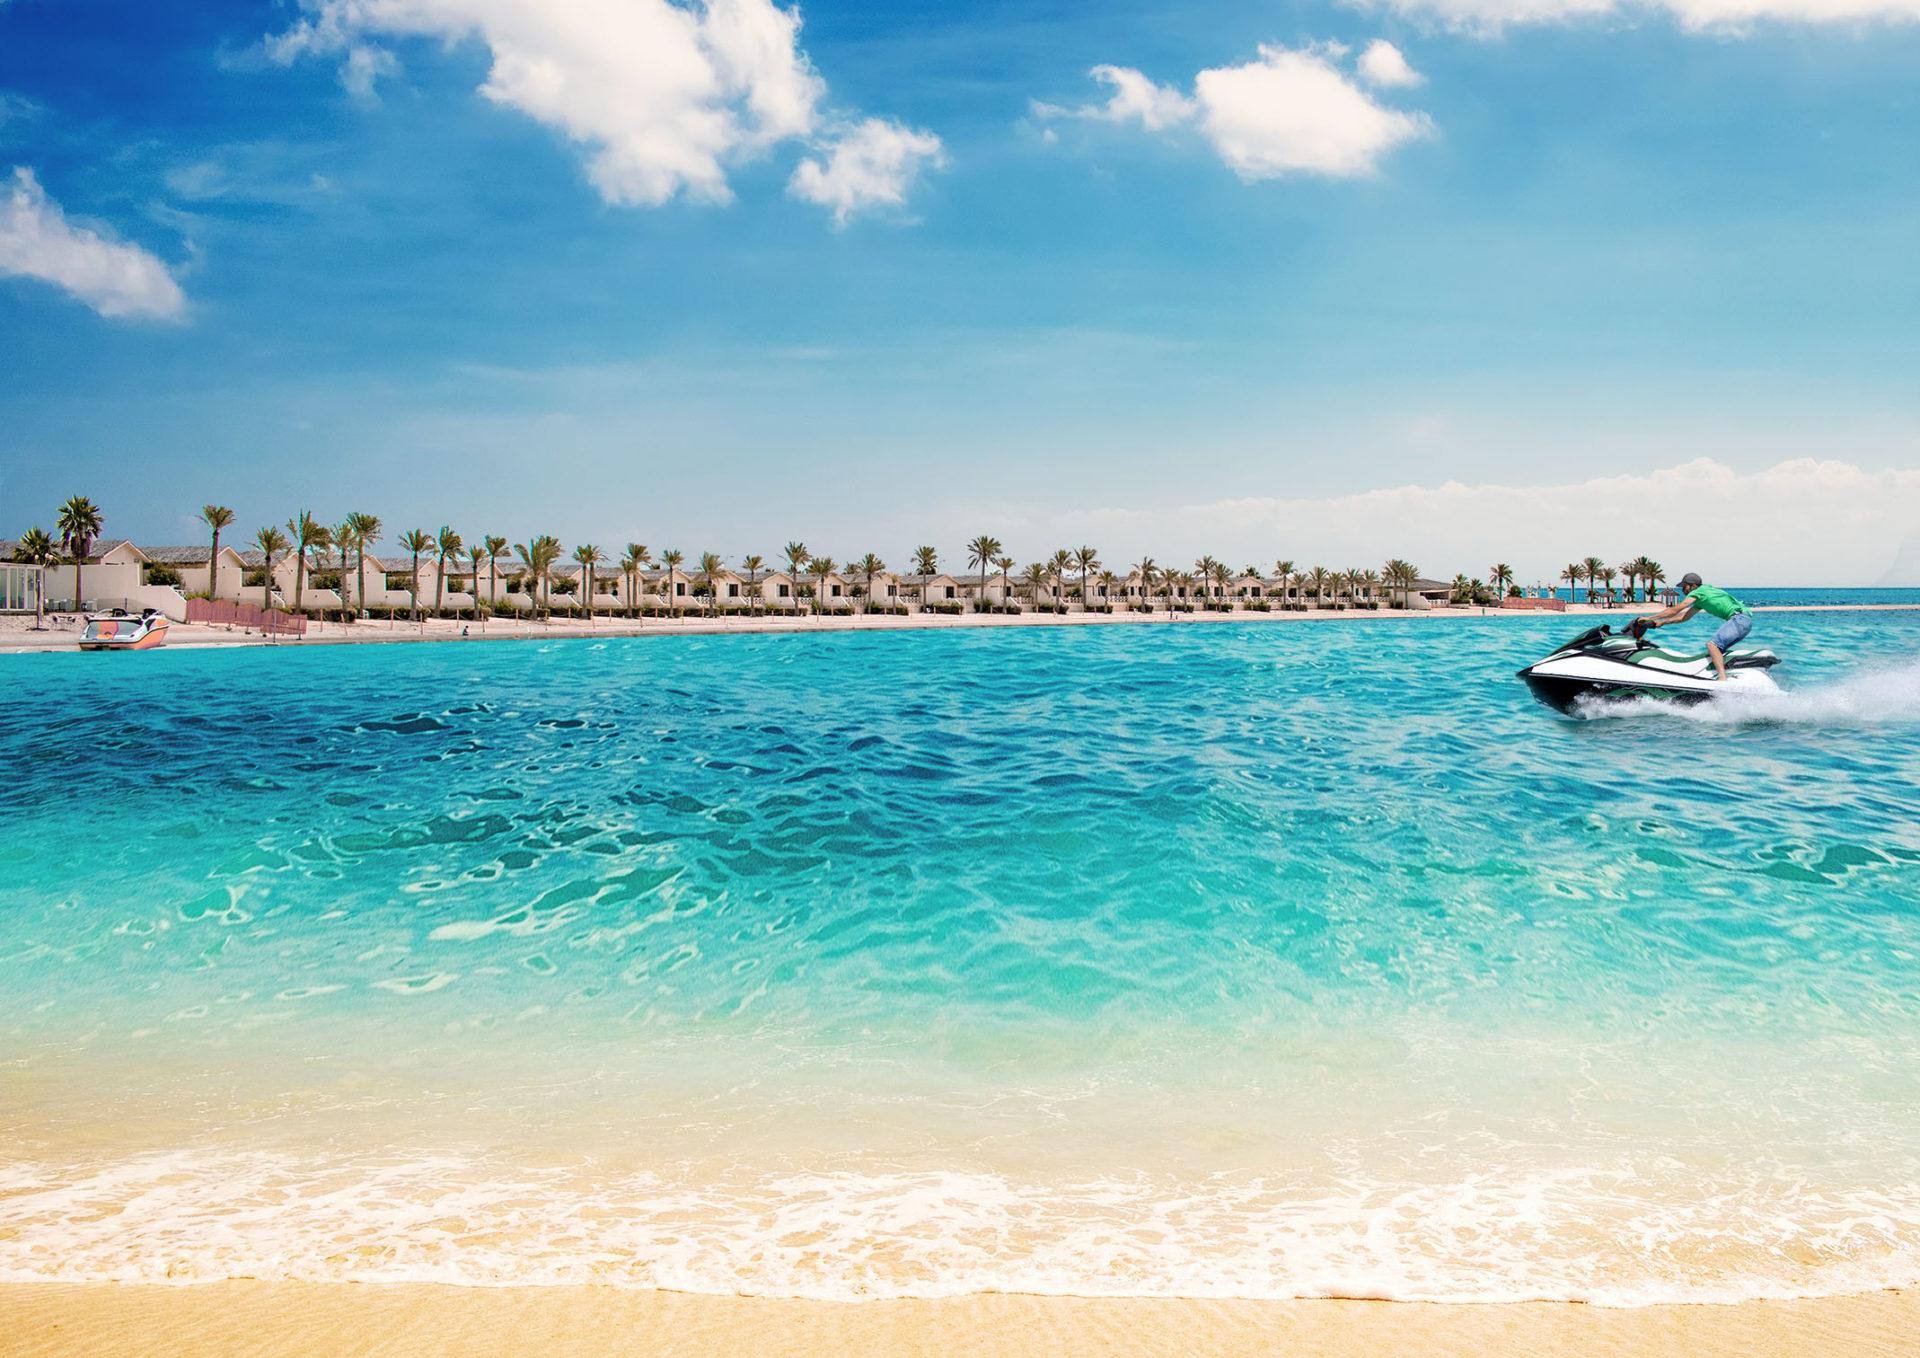 منتجع شاطئ الدانة الخبر المملكة العربية السعودية الموقع الرسمي